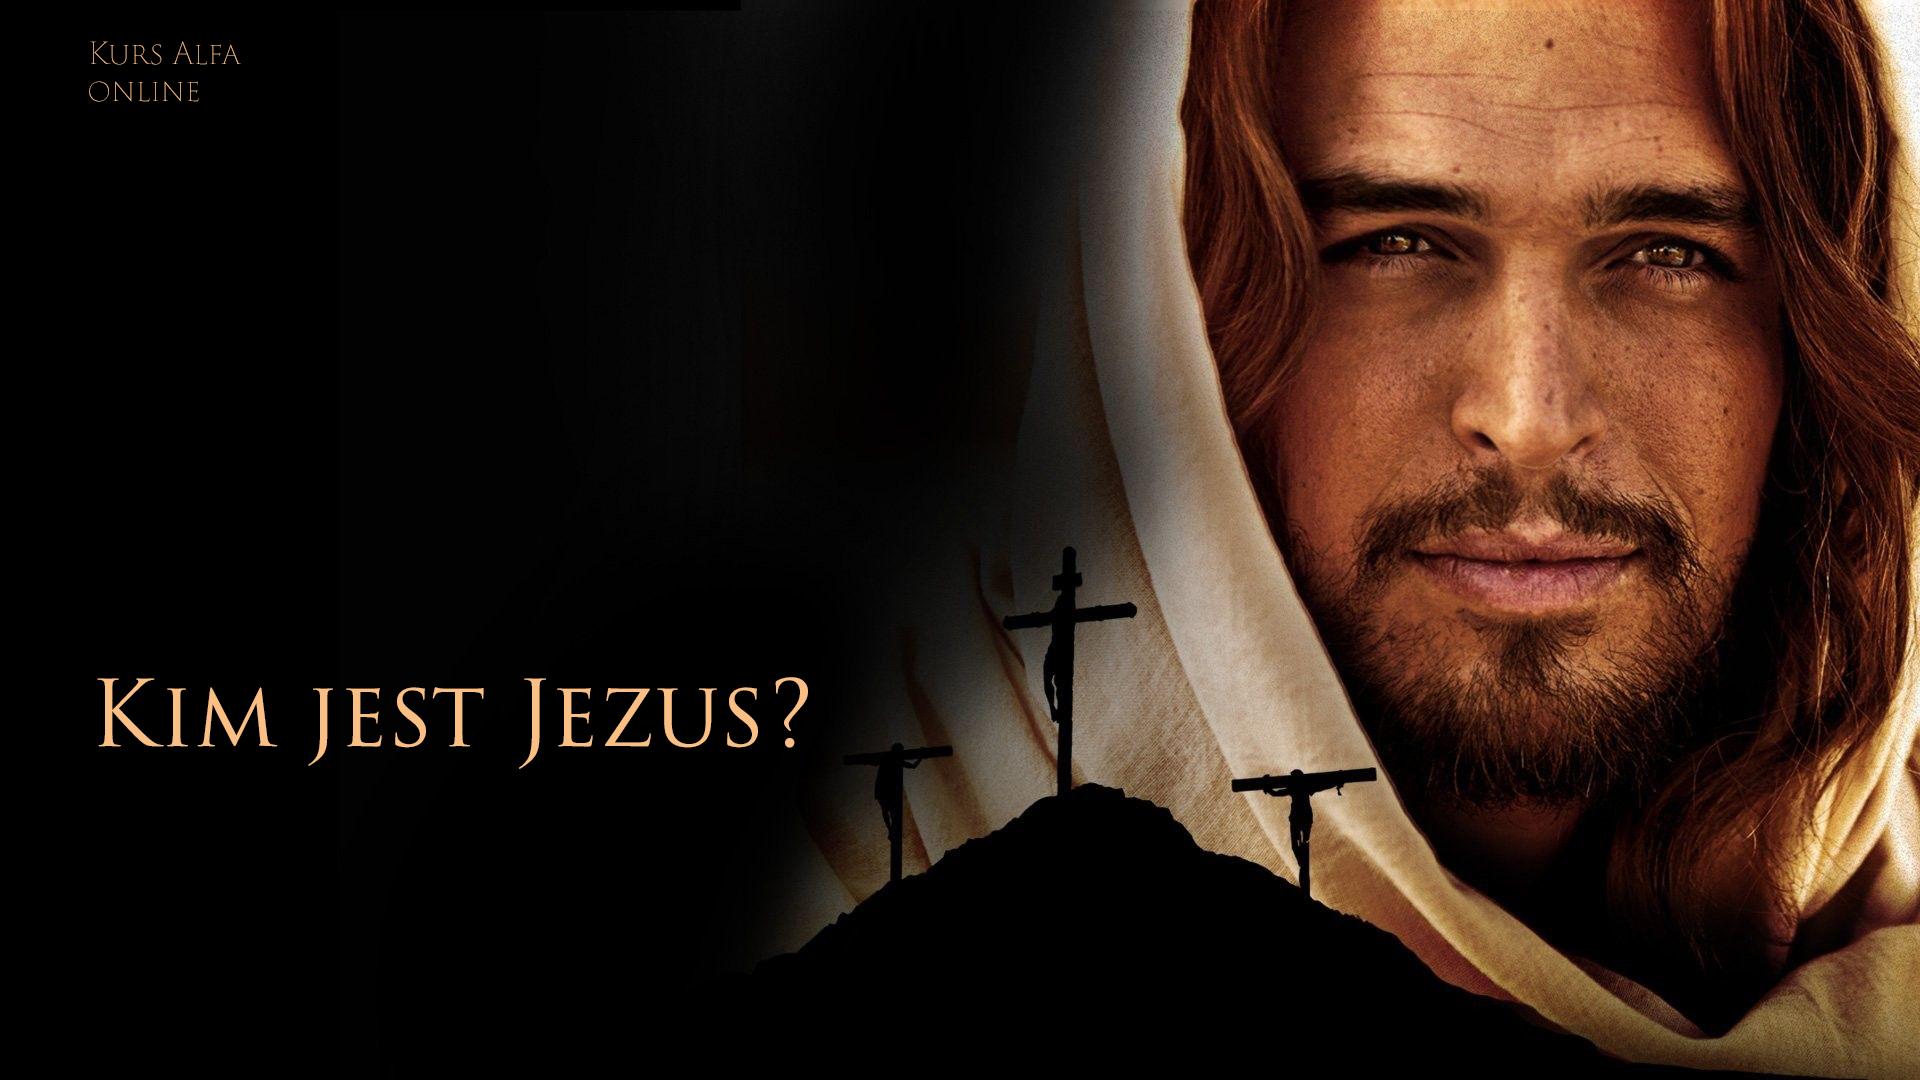 Kim jest Jezus? – kurs Alfa – Katedra Legnicka św. Ap. Piotra i Pawła